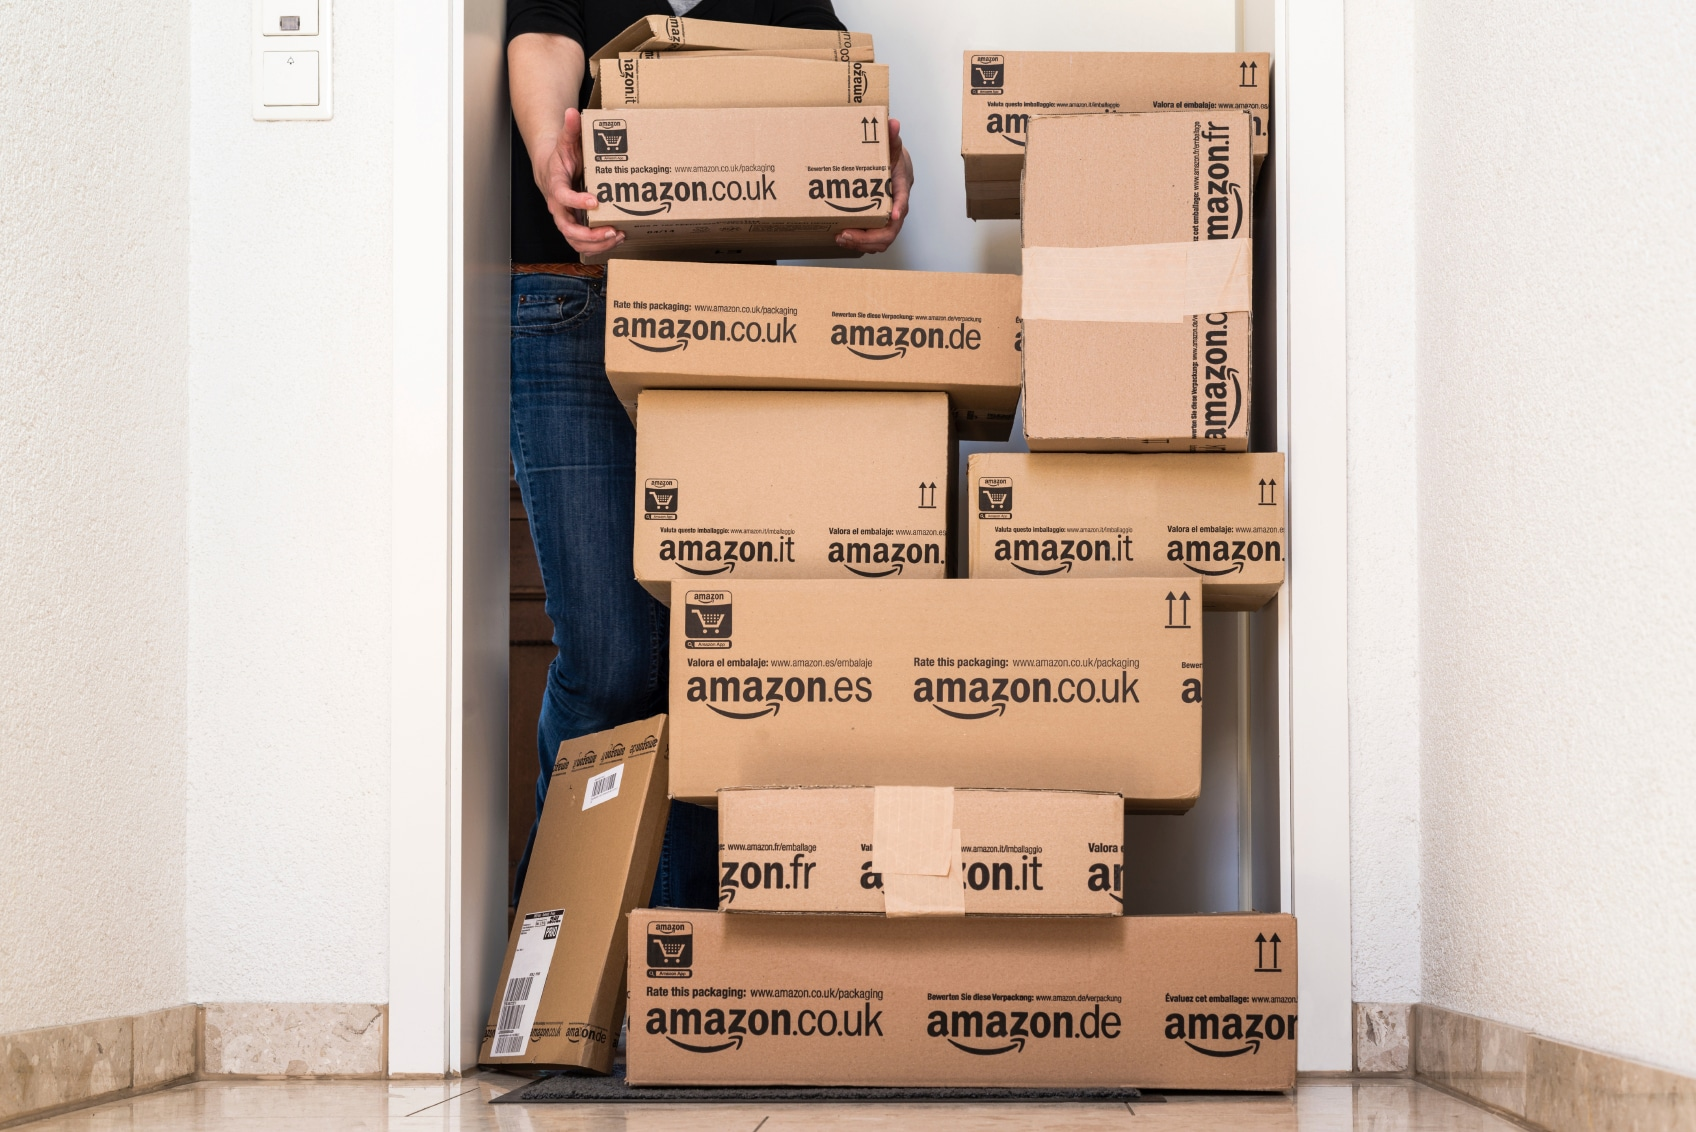 Offerte Amazon: le migliori di oggi tra accessori, smartphone cinesi ed LG K5